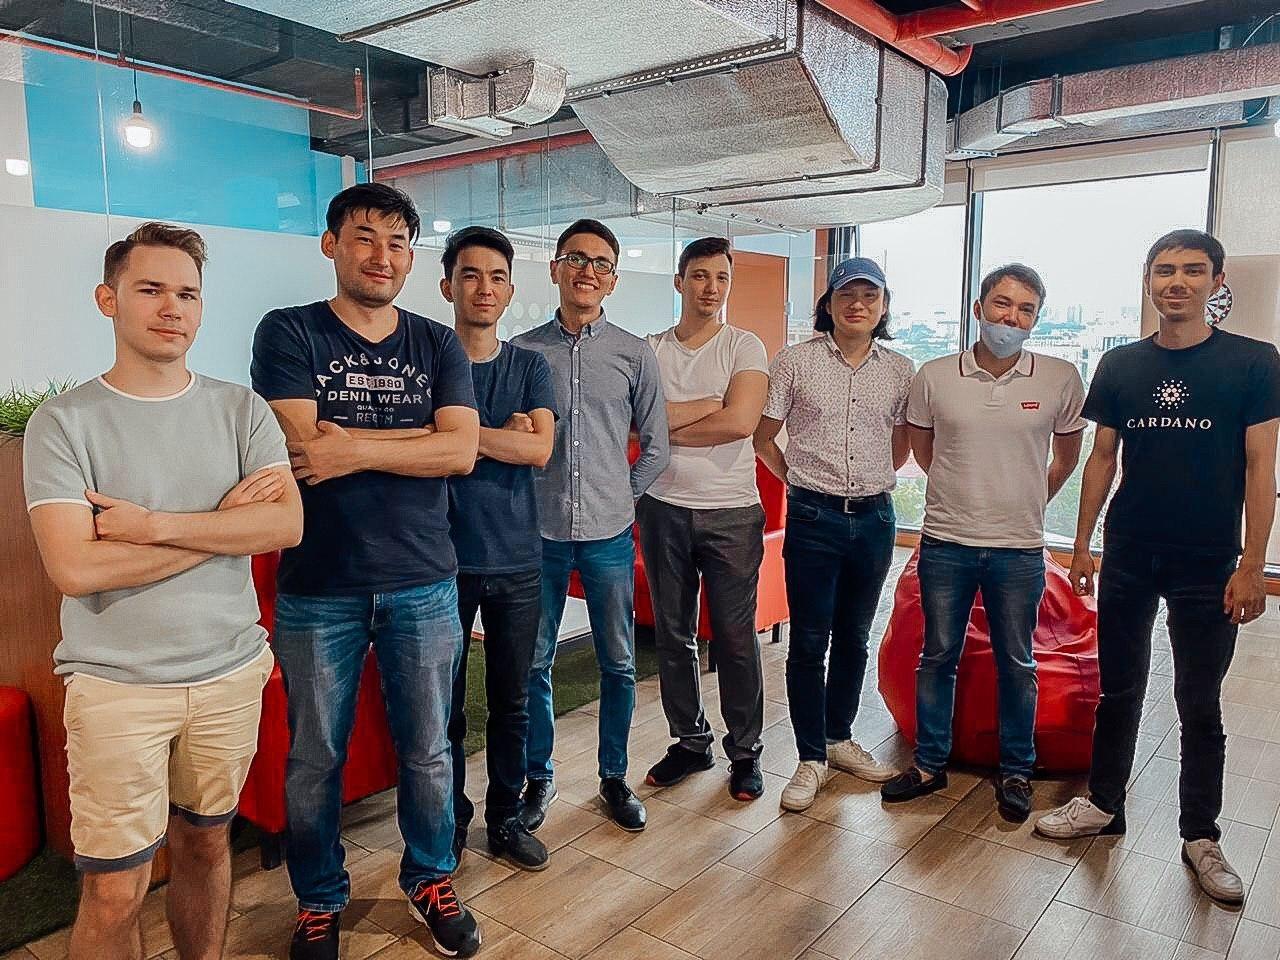 Казахстанский стартап начал сотрудничество с банками Германии и Кыргызстана - Kapital.kz